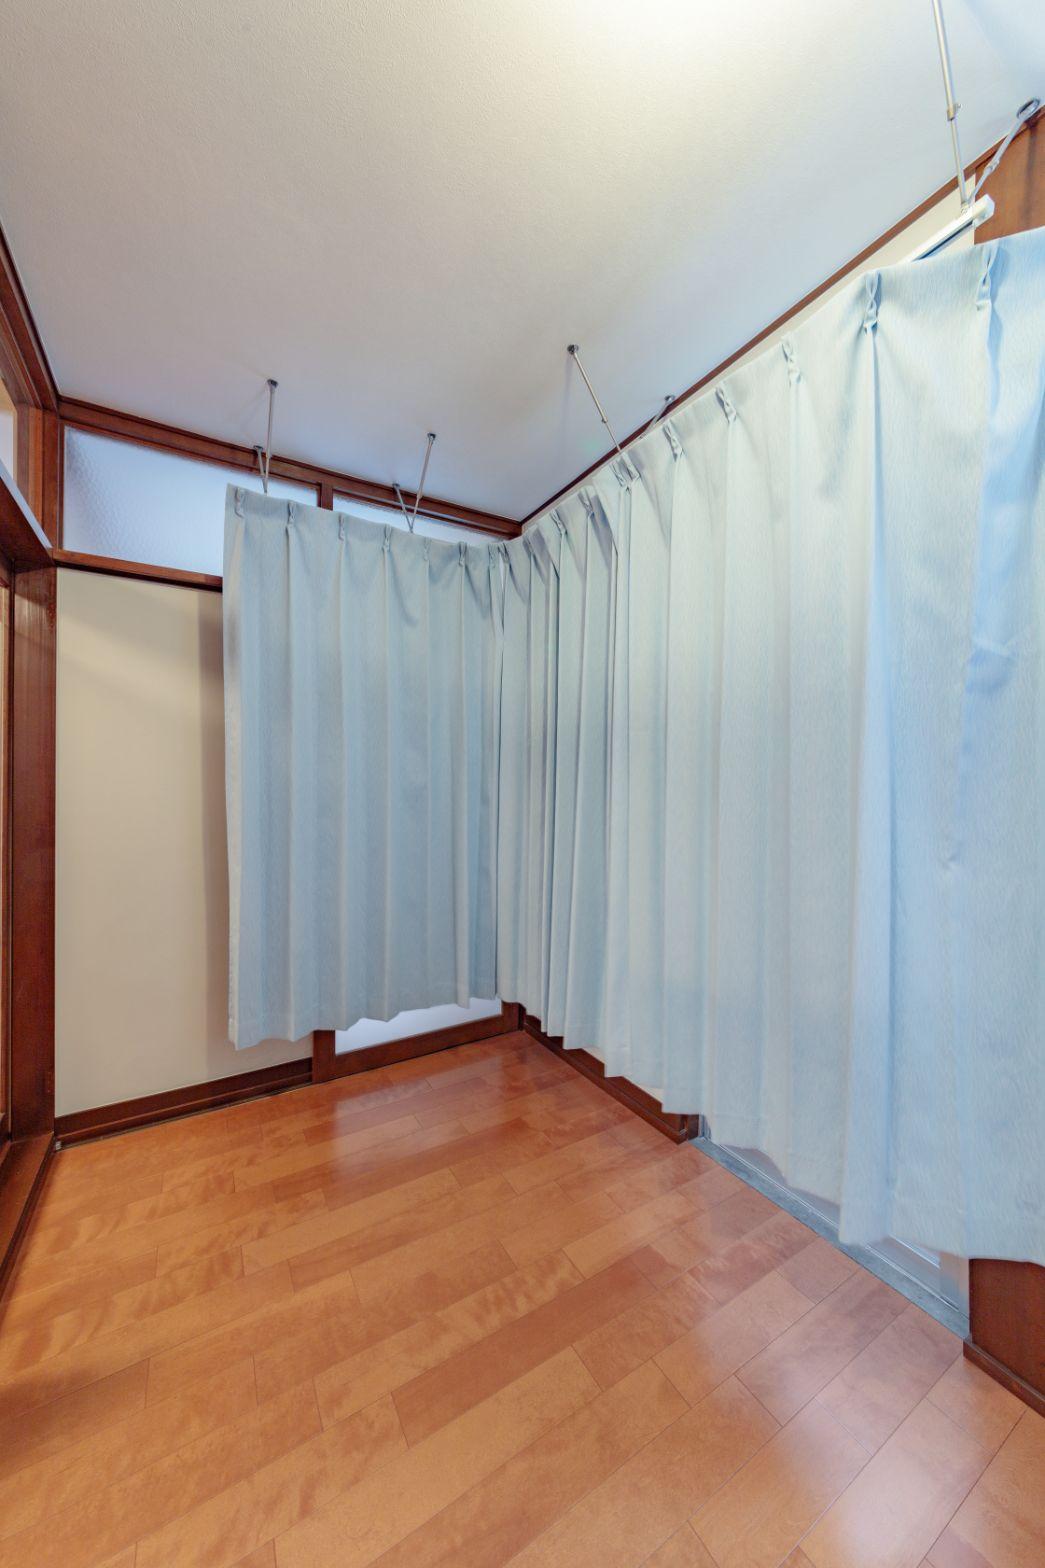 店舗とプライベート空間を仕切るカーテンは、診療室にあったカーテンを移設したもの。